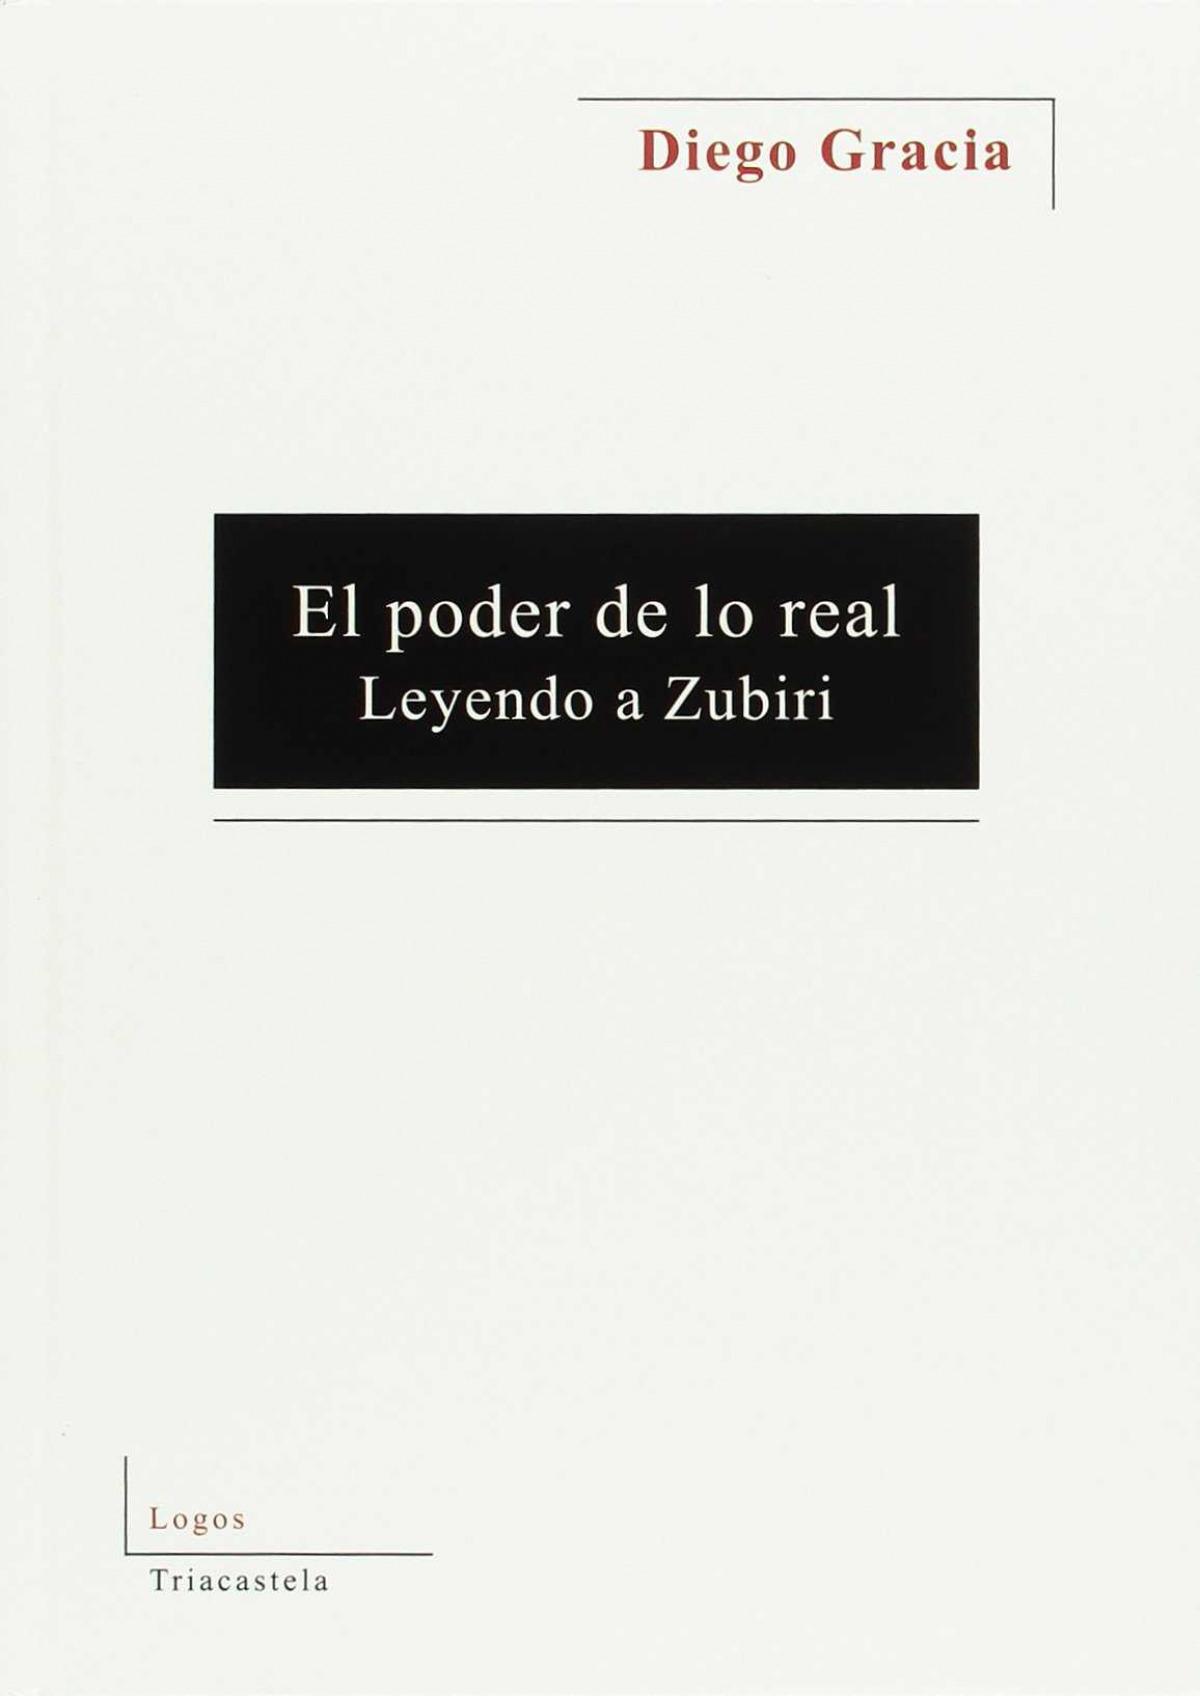 EL PODER DE LO REAL